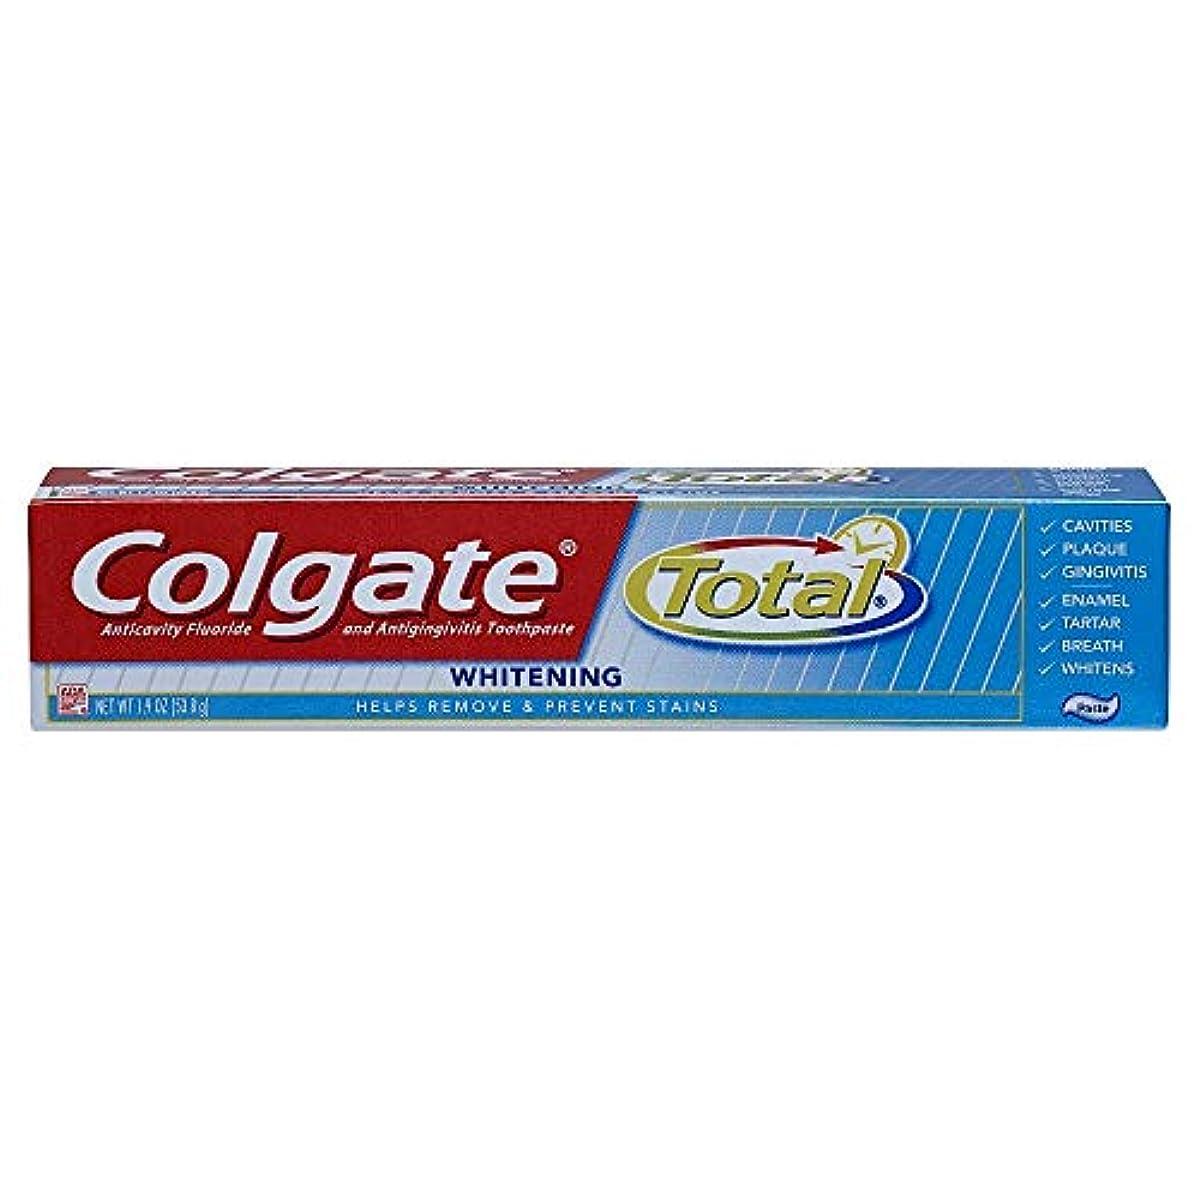 条約洞窟さようならColgate 合計トラベルサイズホワイトニングペースト歯磨き粉、1.9オンス 1パック